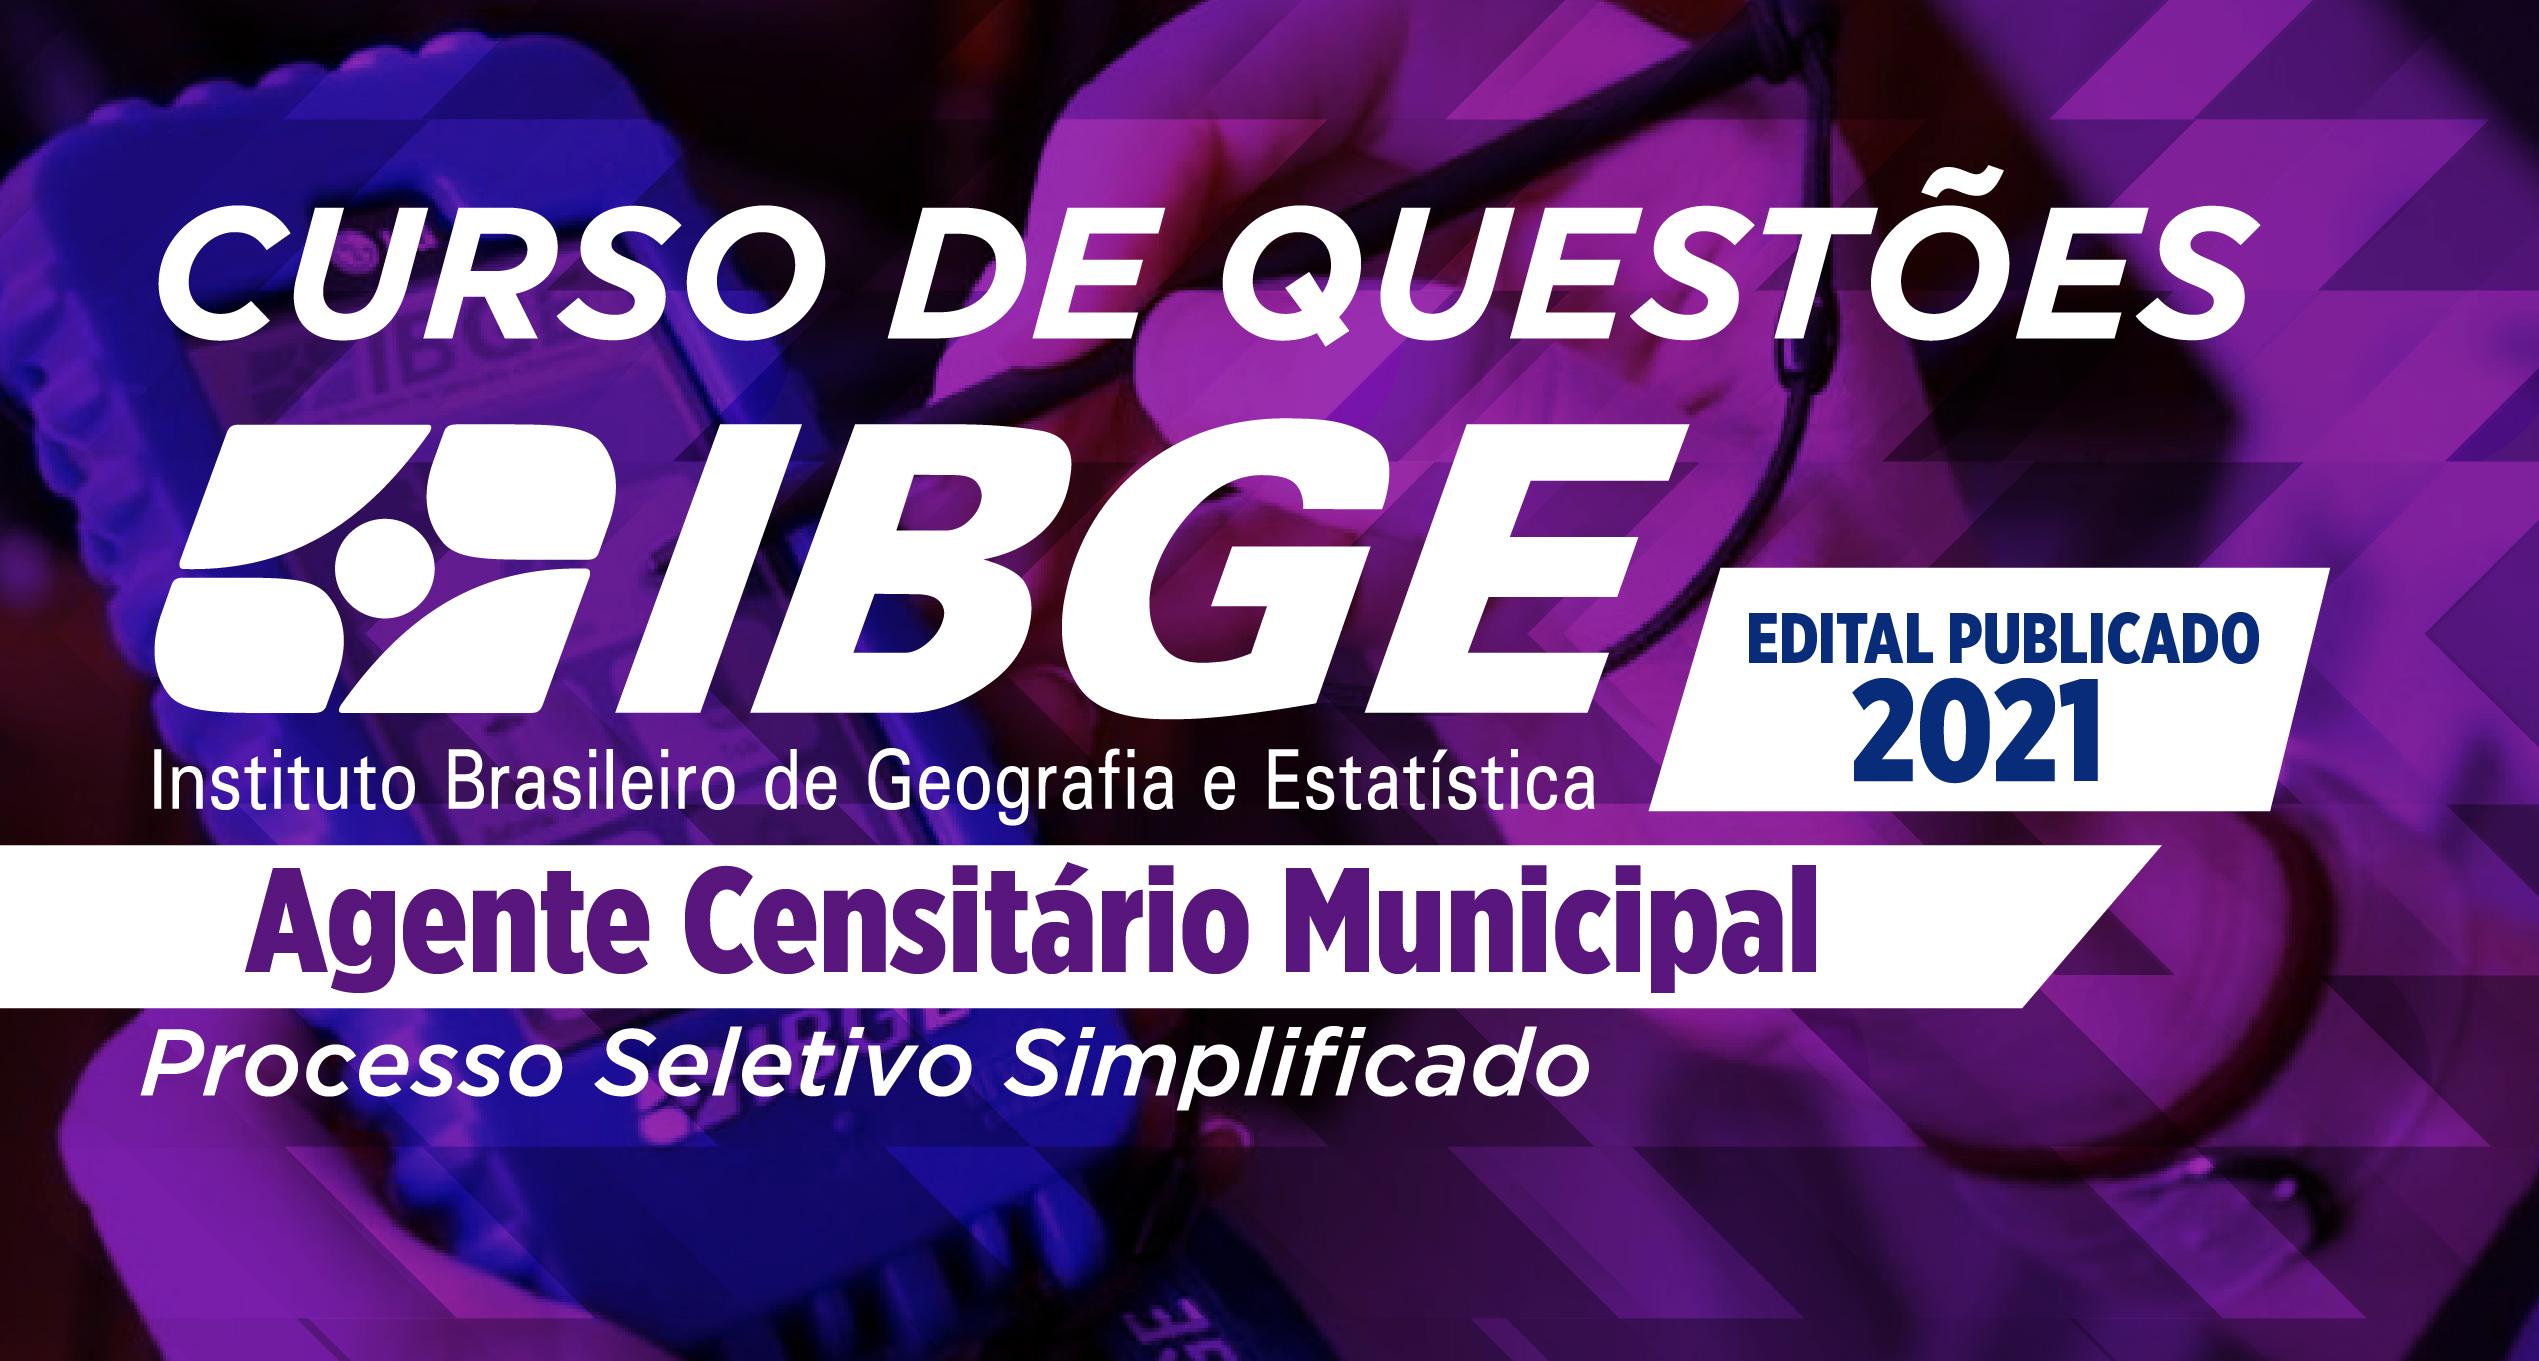 Questões - IBGE - Agente Censitário